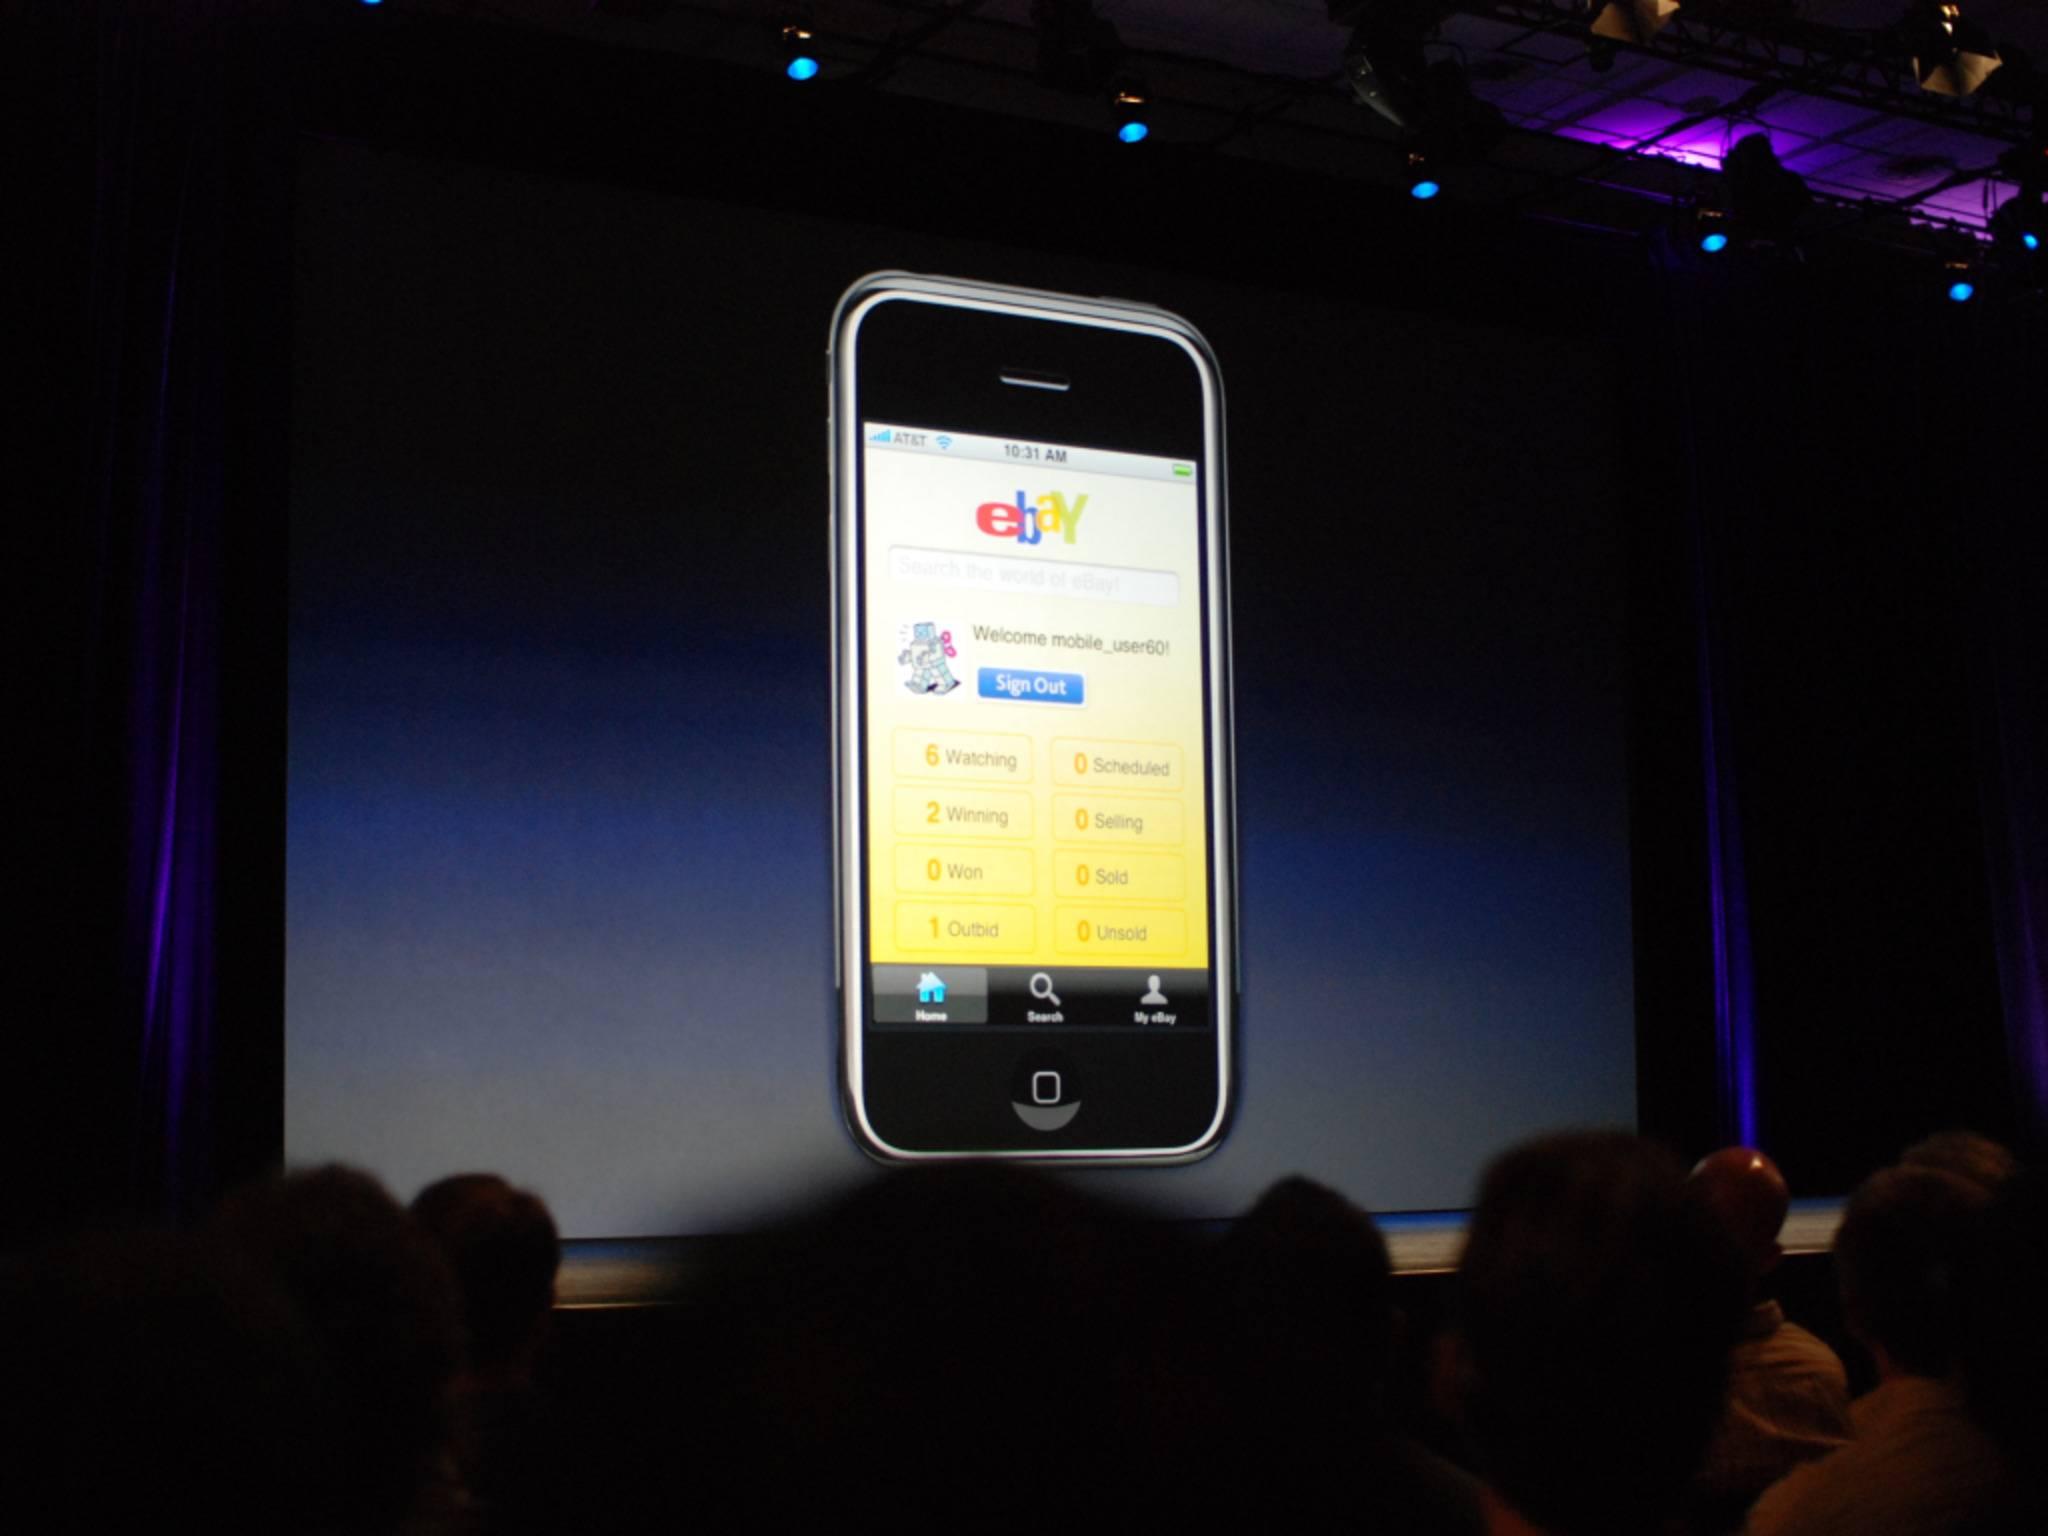 Eine Ebay-App gibt es bereits seit 2008.